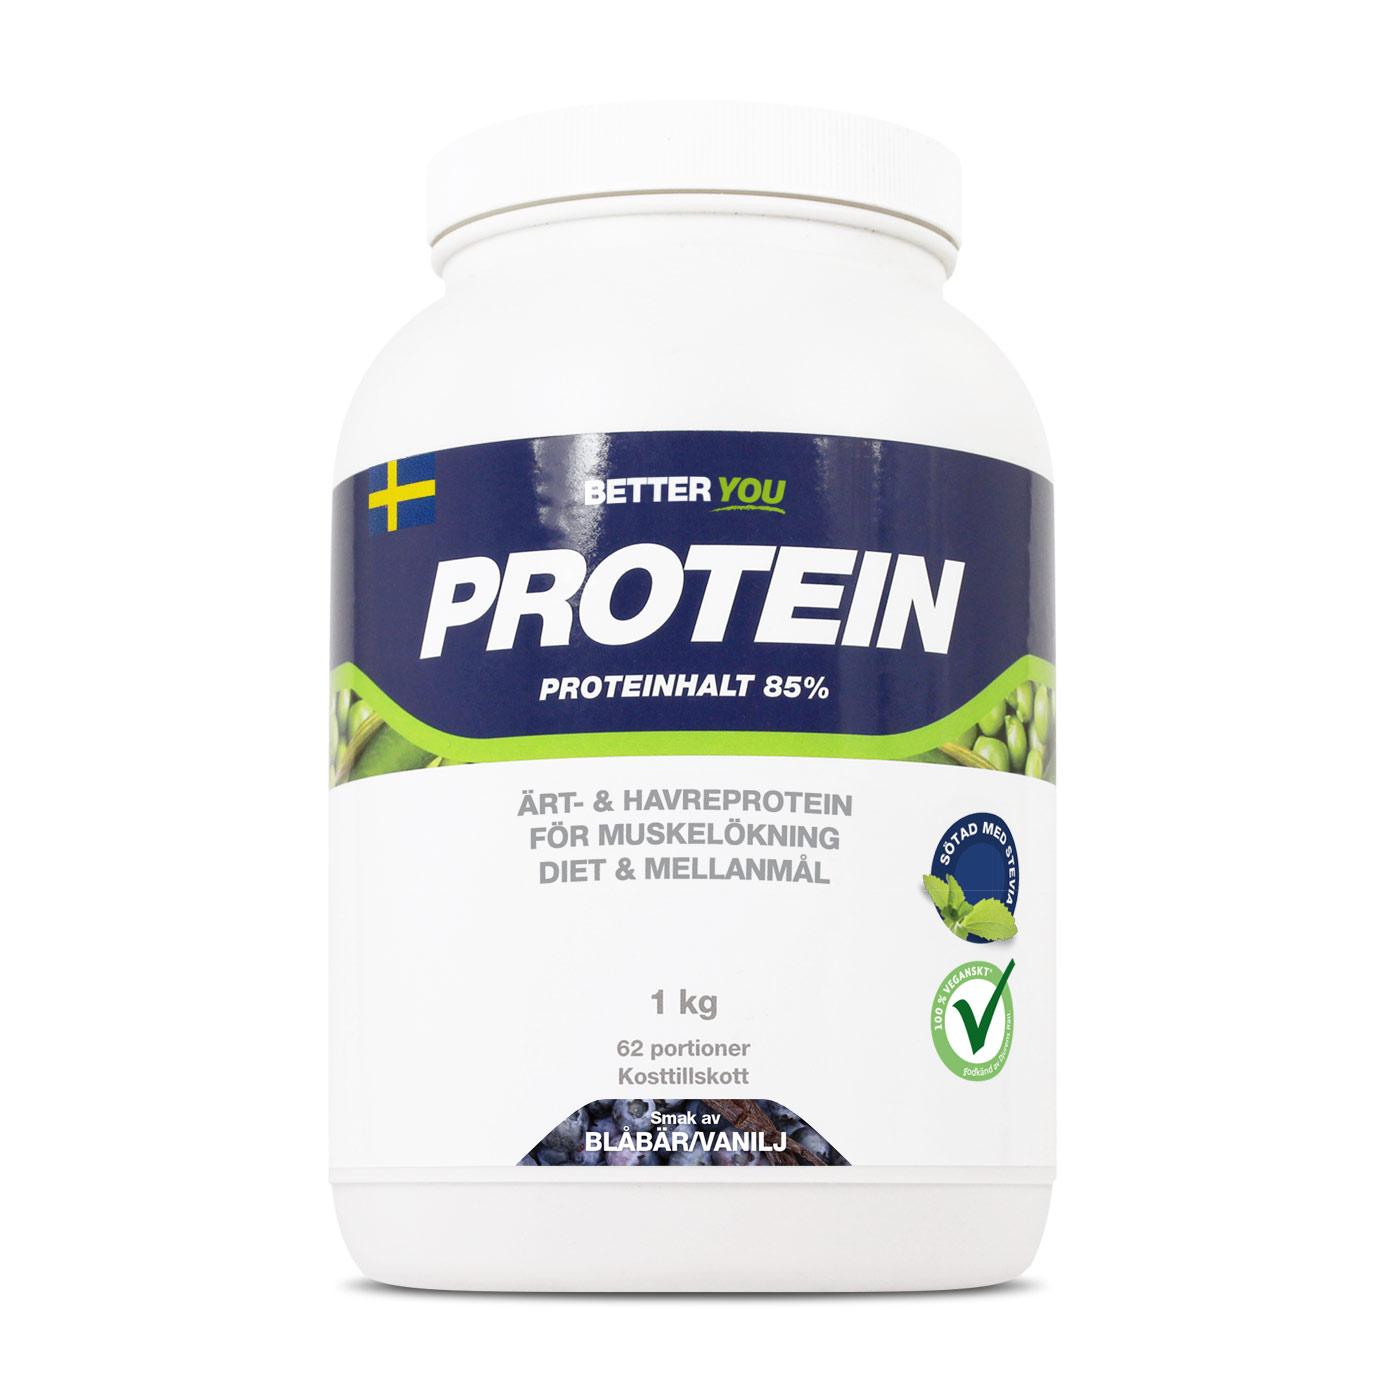 ärt och havreprotein